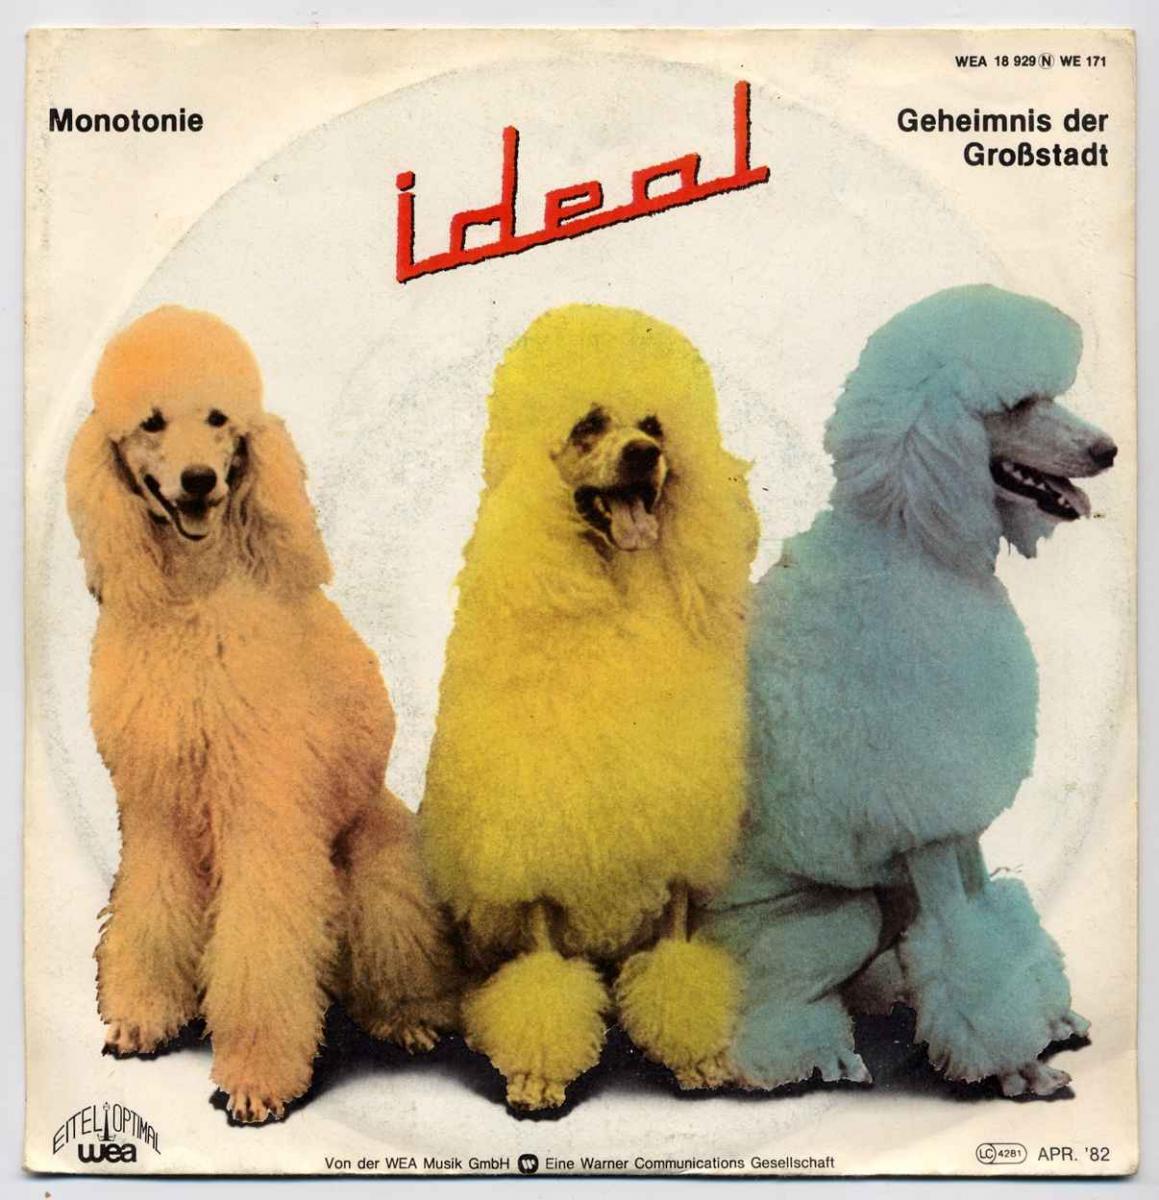 Vinyl-Single: <b><br>Ideal: <br>Monotonie / Geheimnis der Grosstadt </b><br>WEA 18 929, (P) 1982